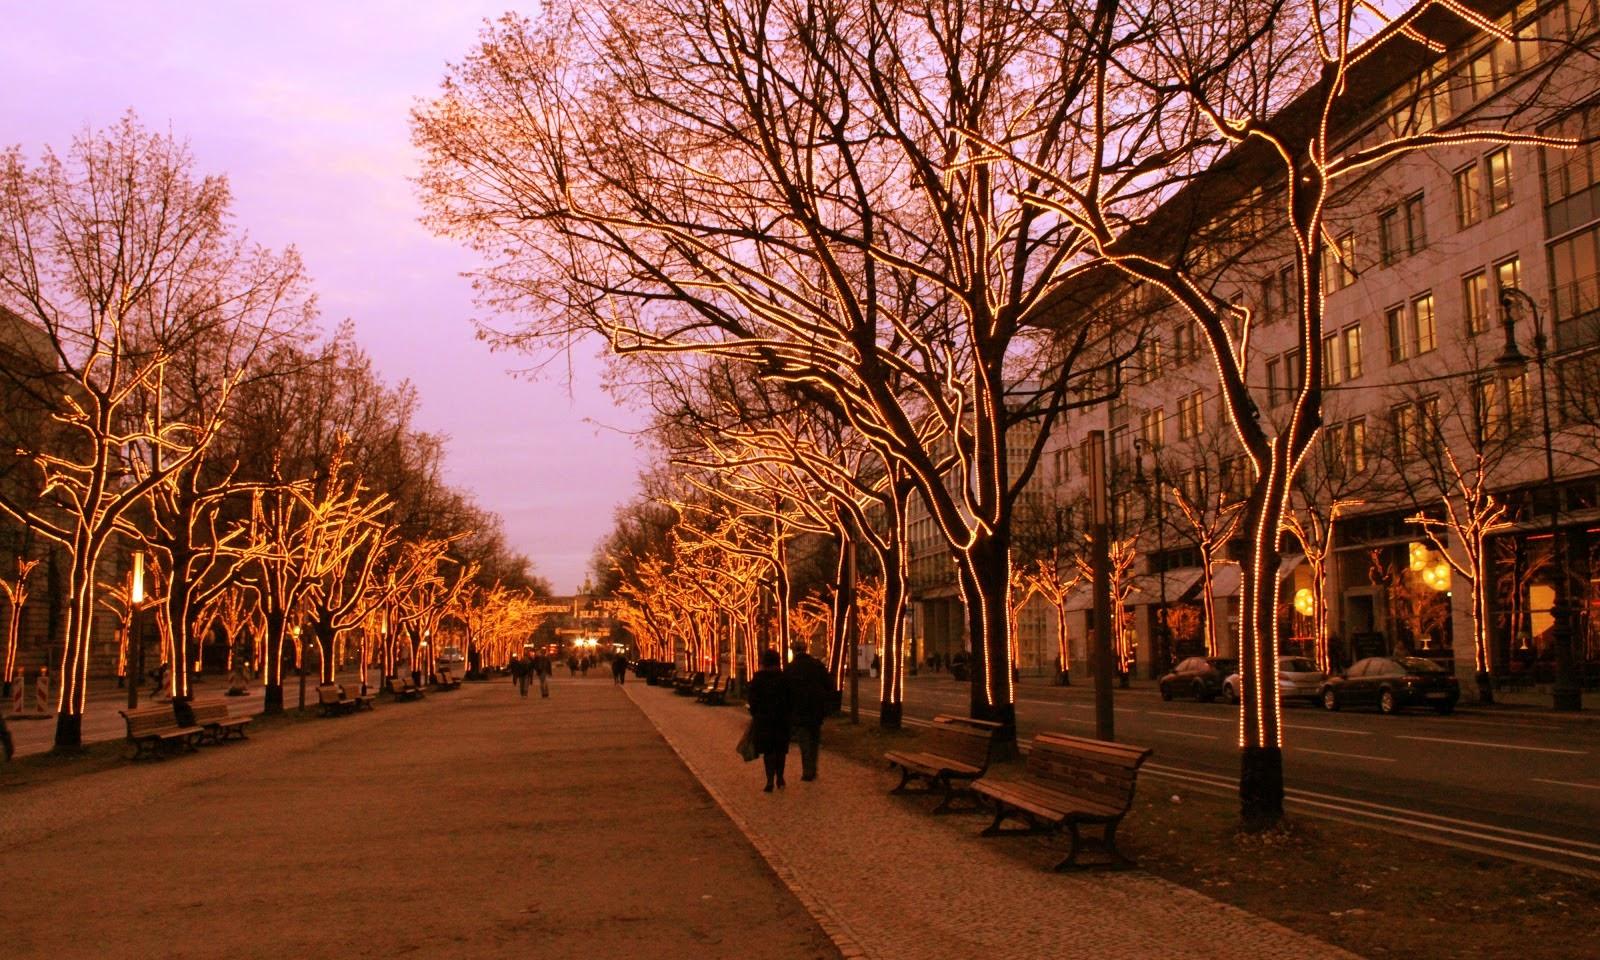 Świąteczny klimat w Berlinie [2012]